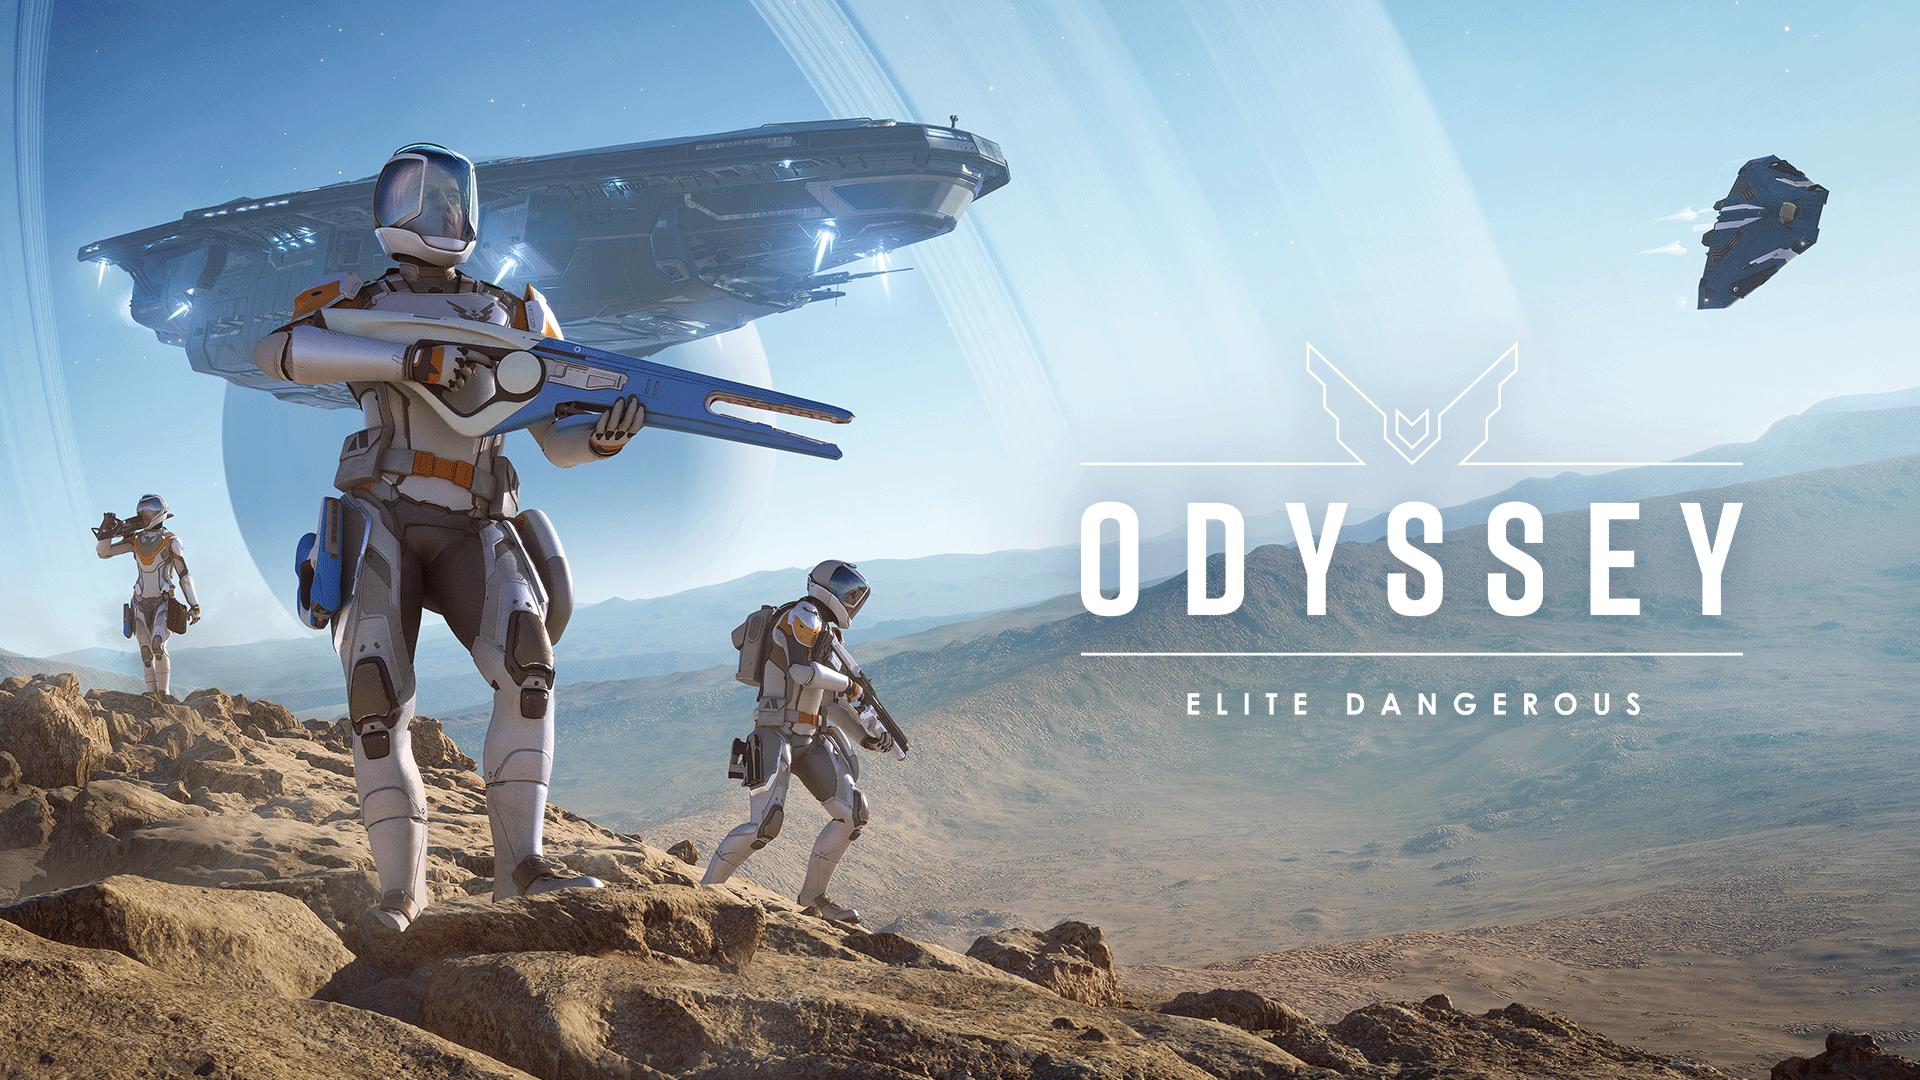 Elite Dangerous: Odyssey - Elite Dangerous - Games - Frontier Store